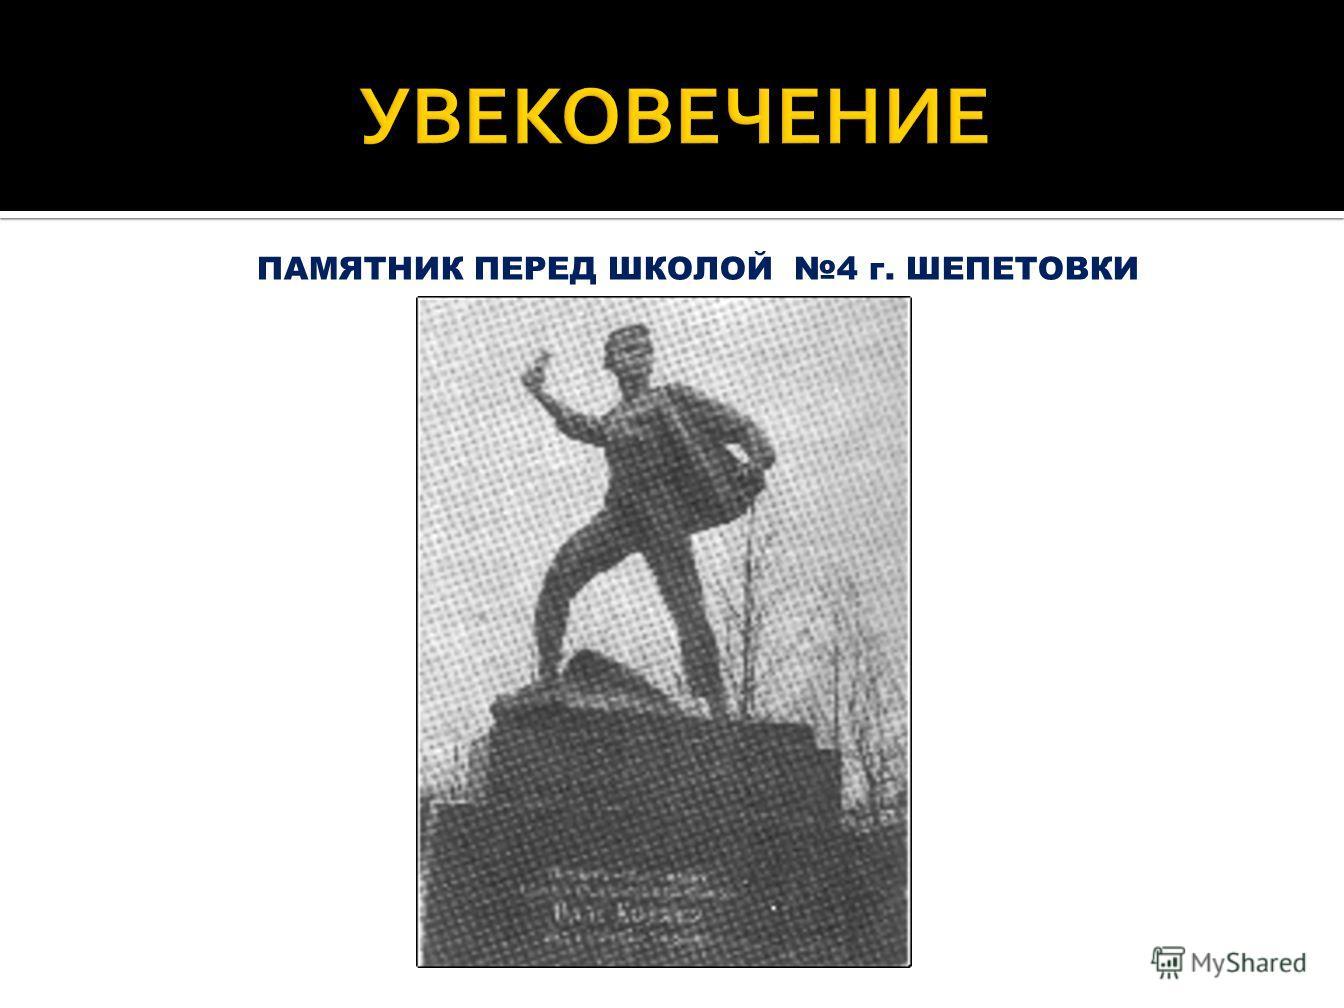 ПАМЯТНИК ПЕРЕД ШКОЛОЙ 4 г. ШЕПЕТОВКИ